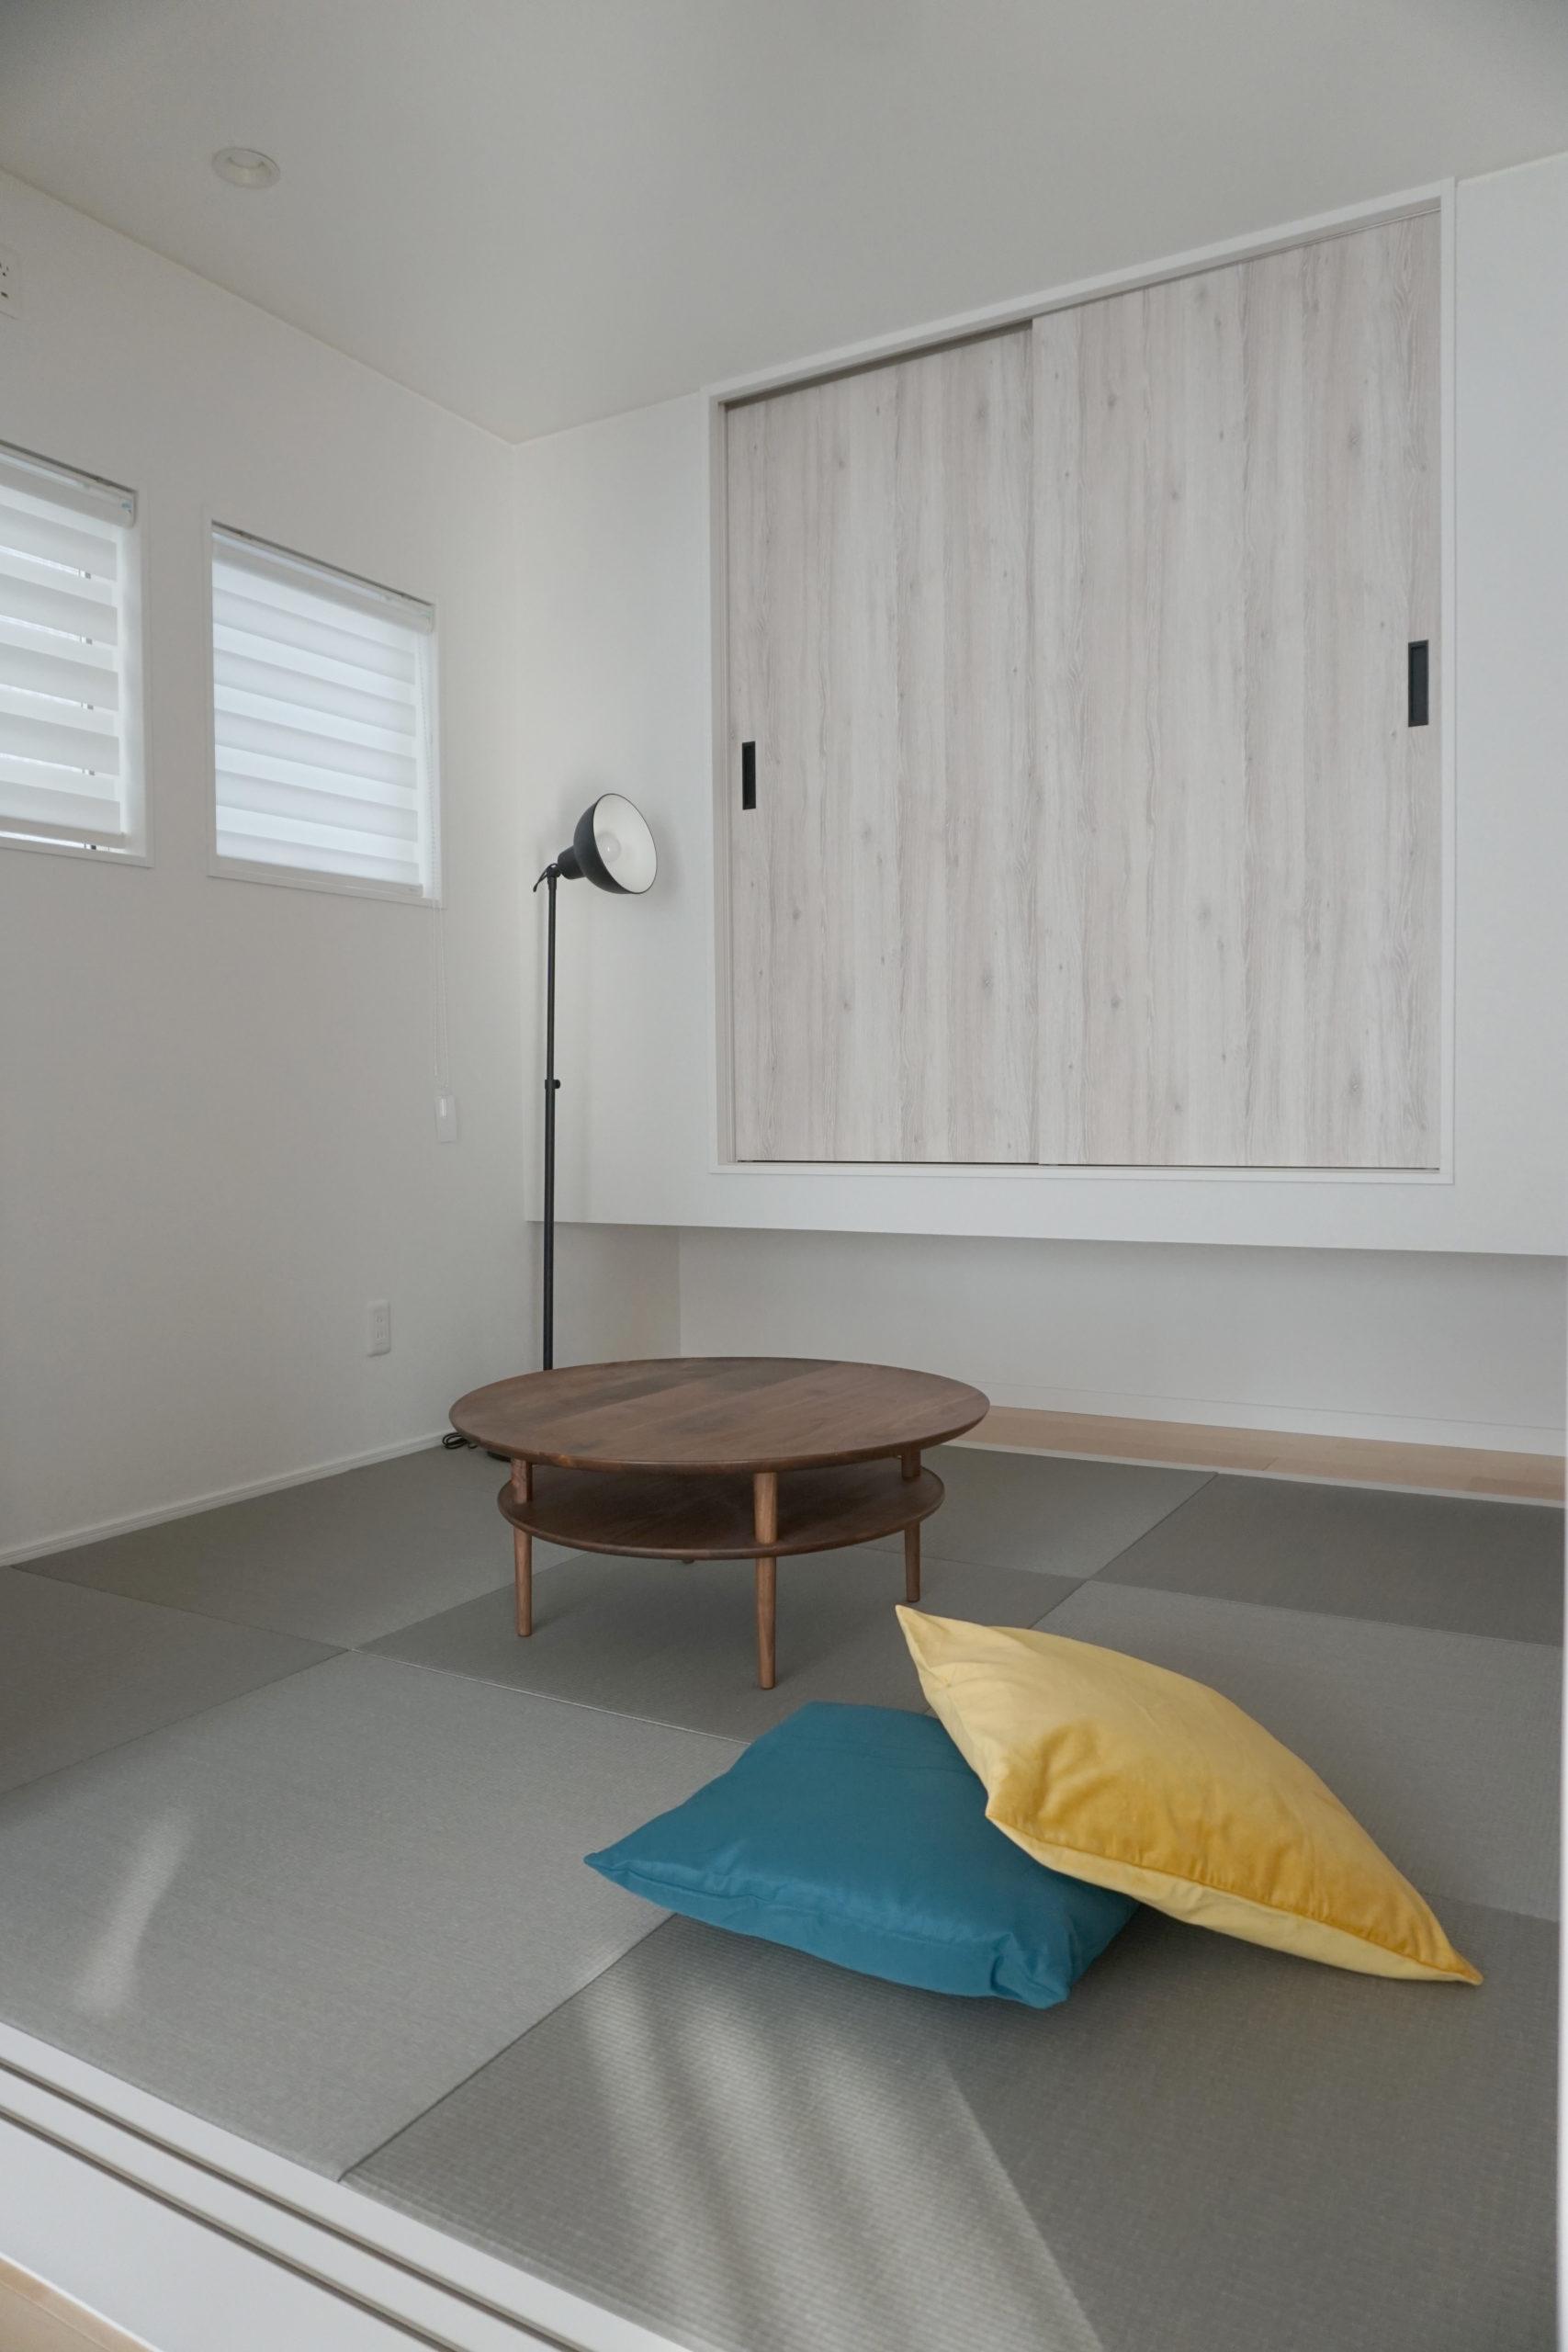 福山市の注文住宅|今井住建の施工事例ギャラリー「老後の生活を考えて1階に和室を」